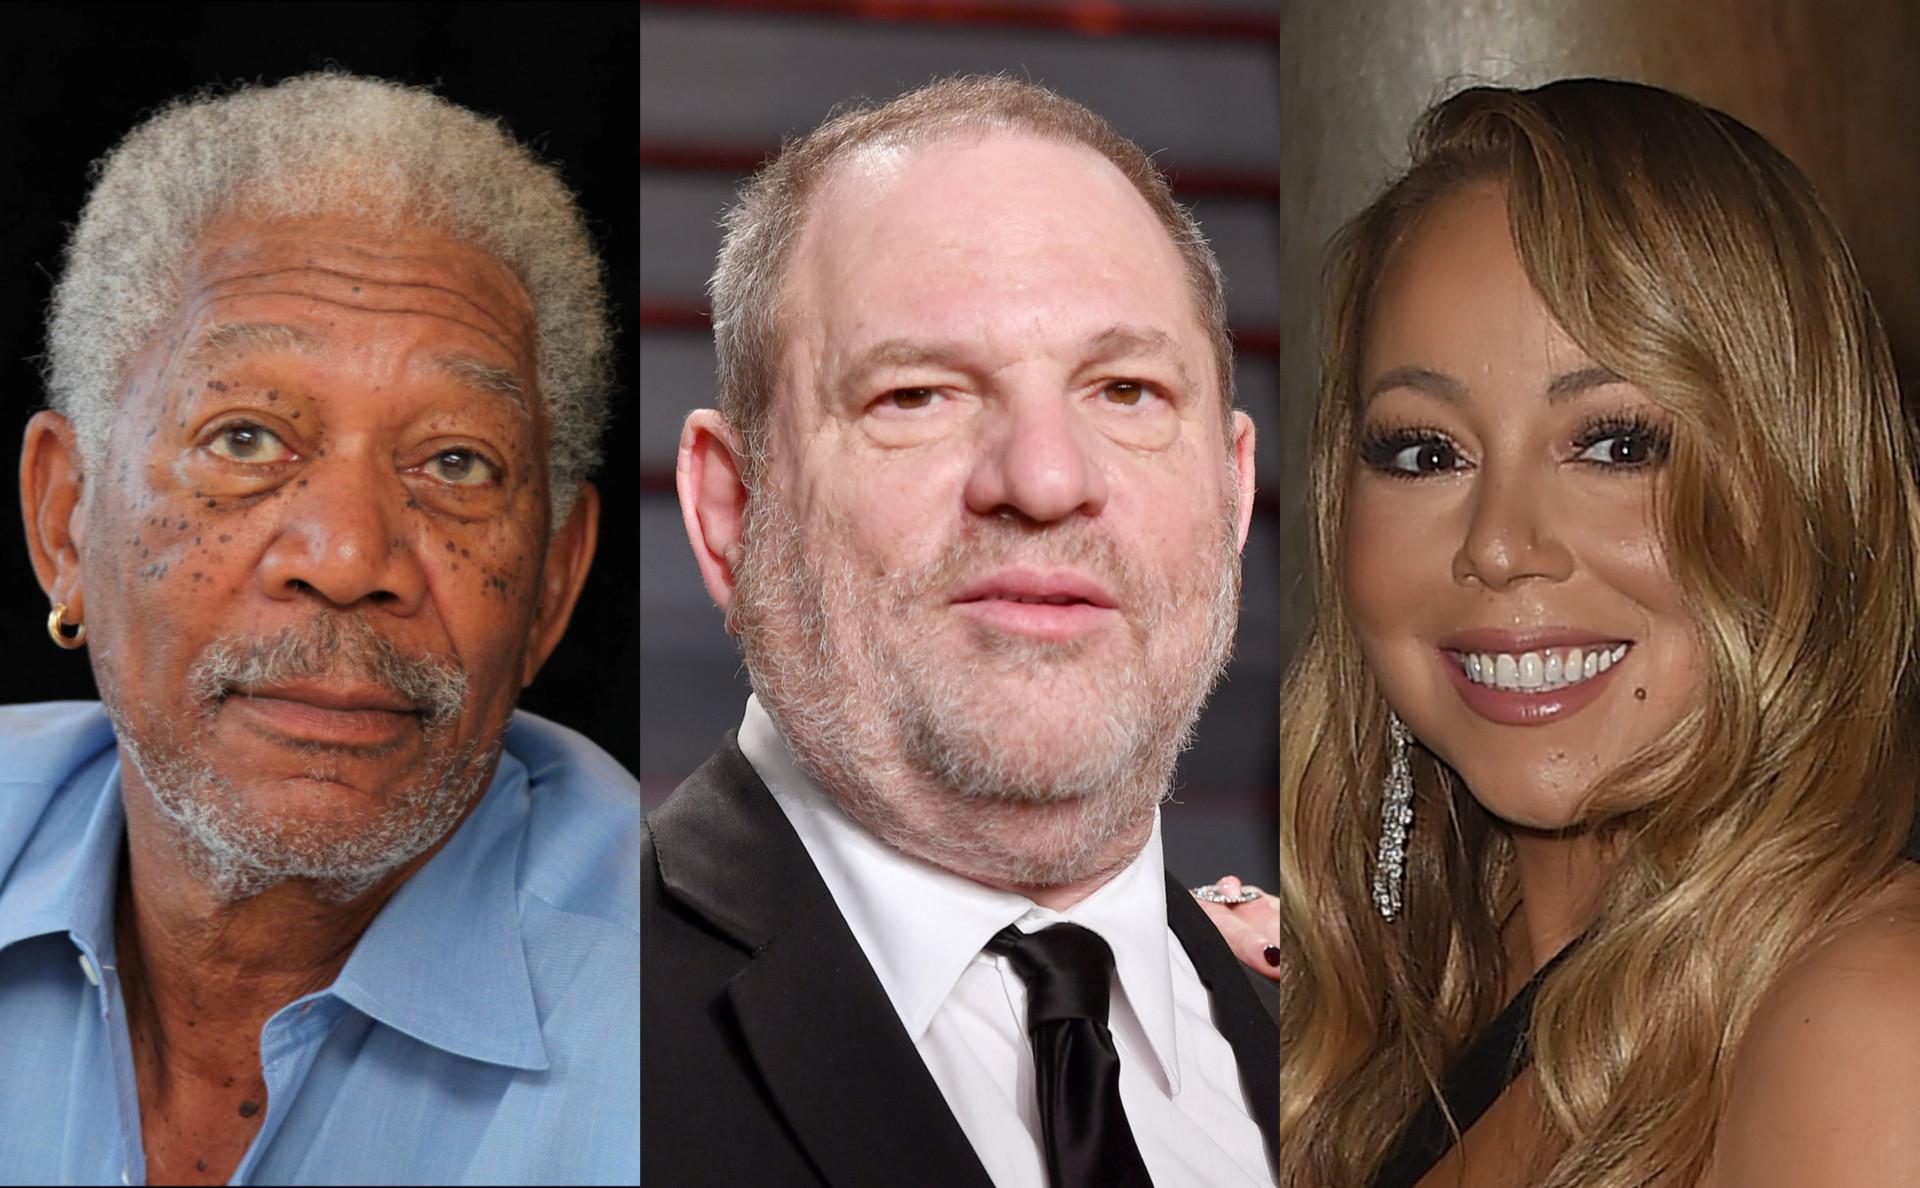 As personalidades que já foram acusadas de assédio sexual